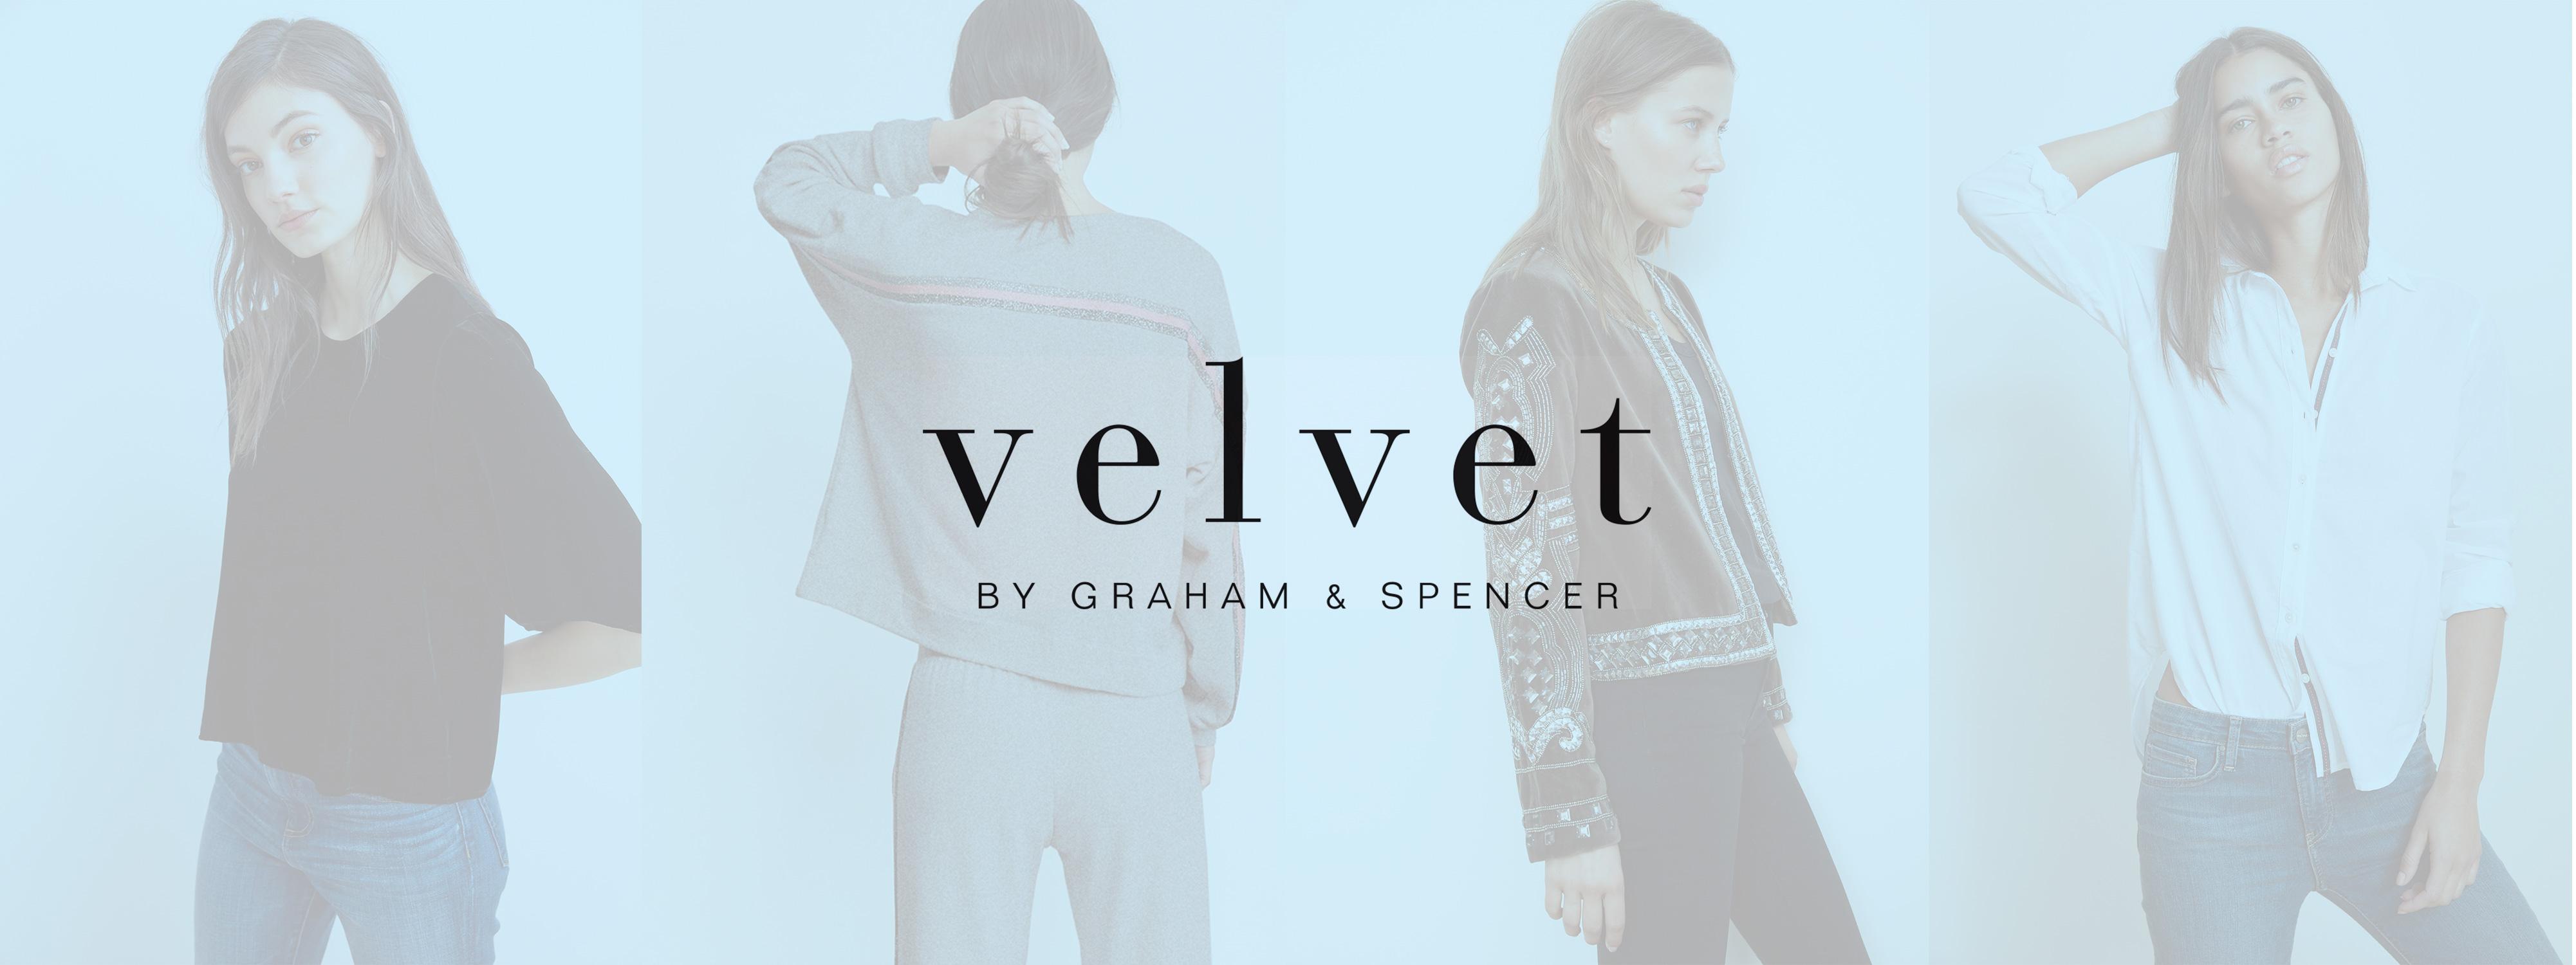 Velvet by Graham & Spencer